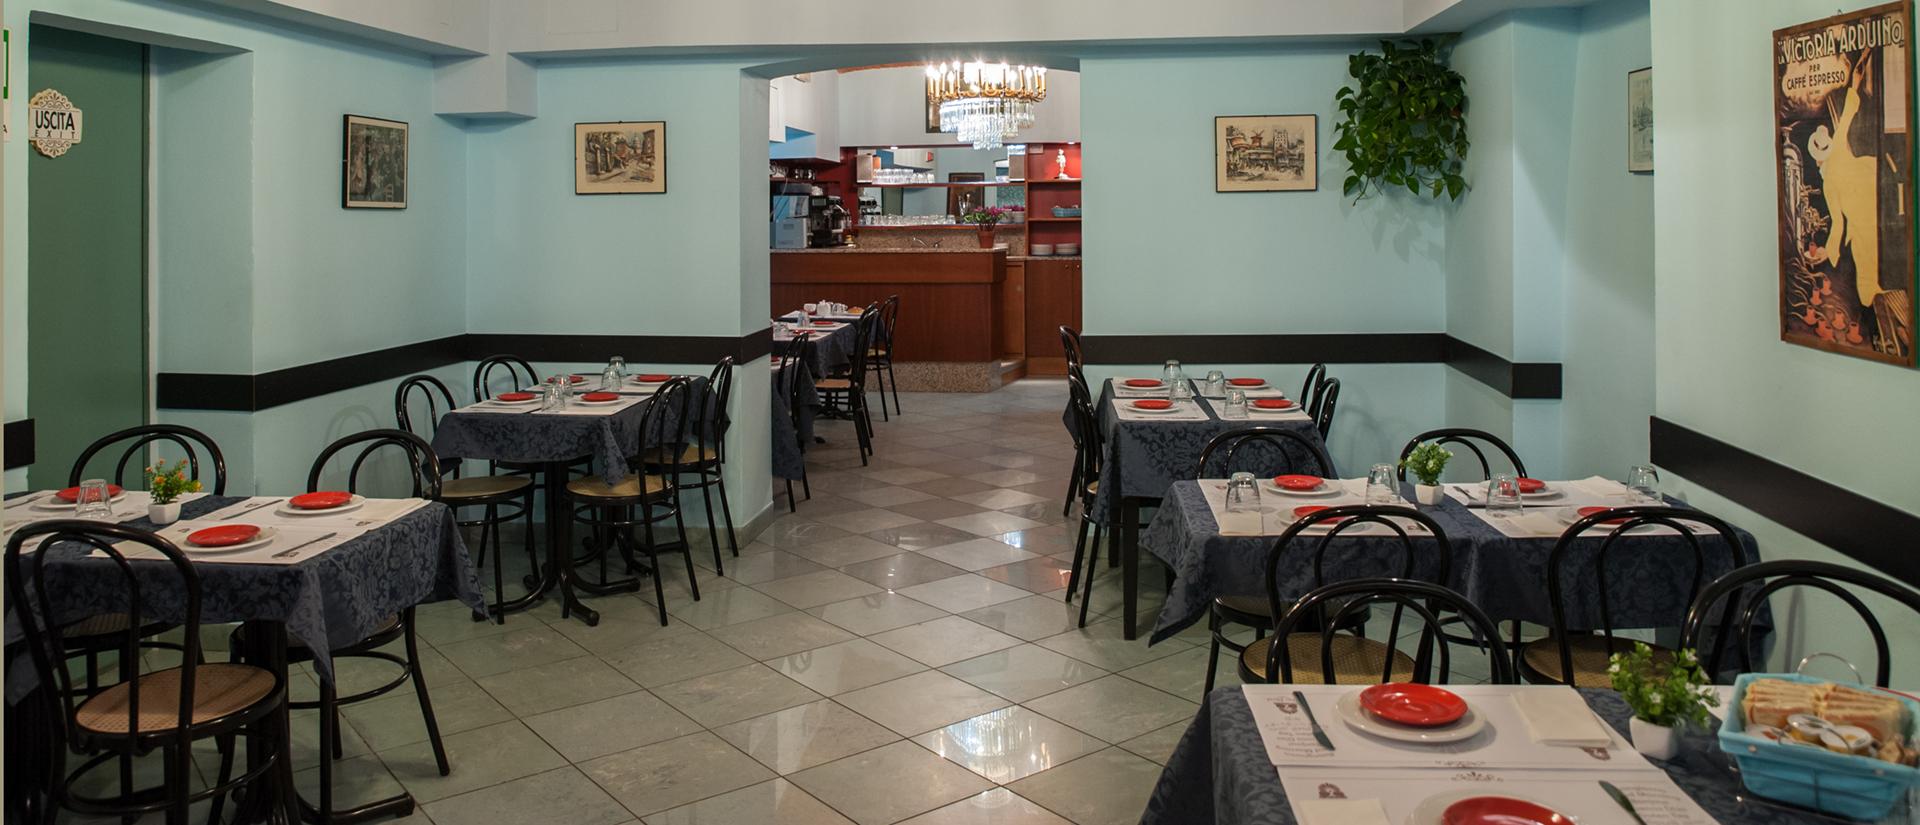 prima-colazione-gratuita-hotel-the-best-centro-milano